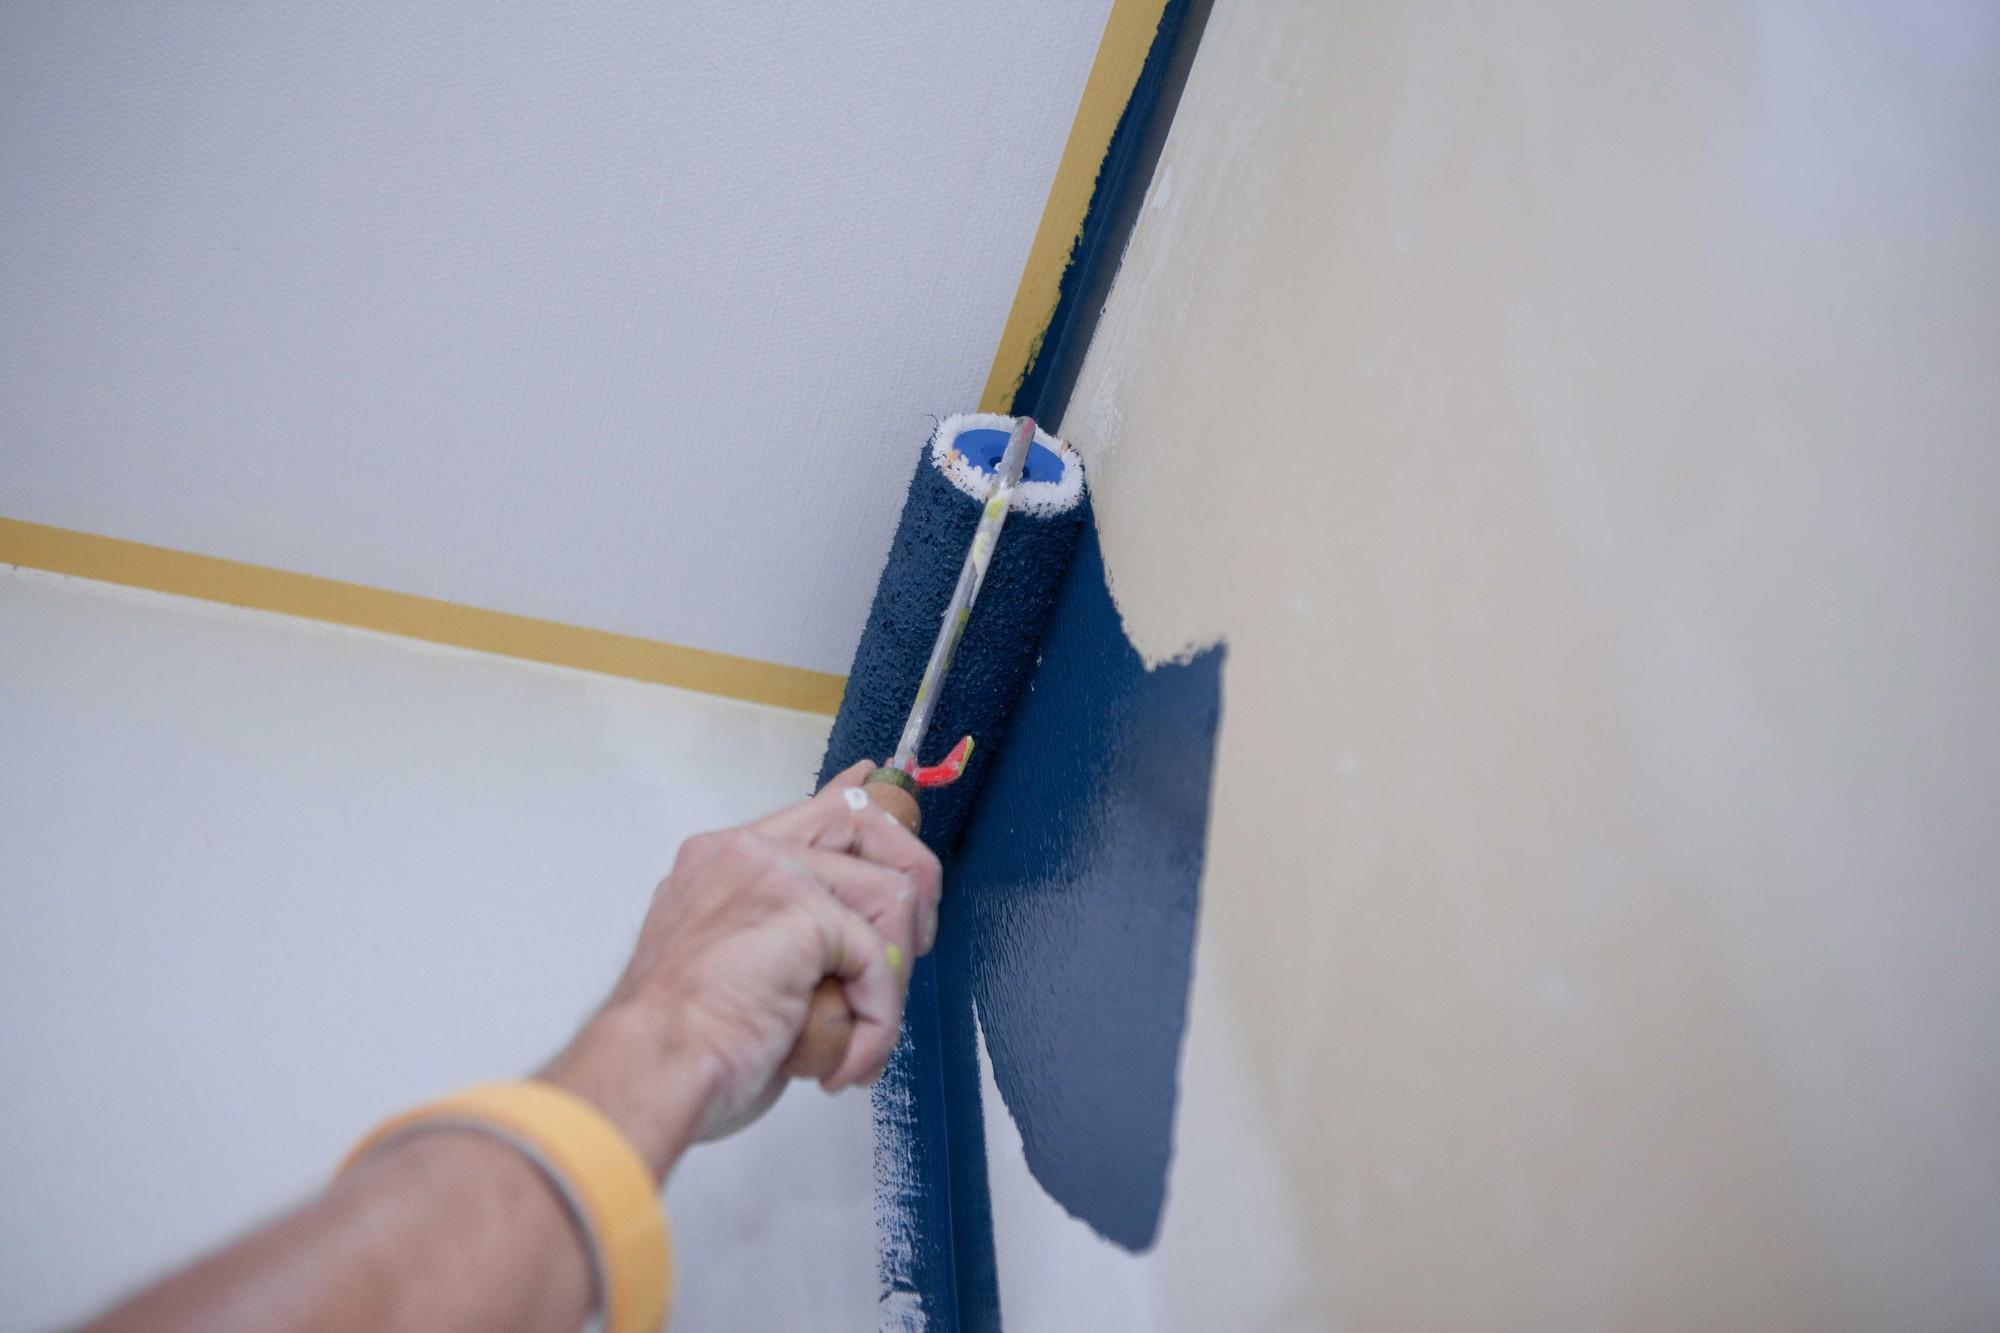 Appliquer toujours un primer (couche de fond) sur le mur à peindre